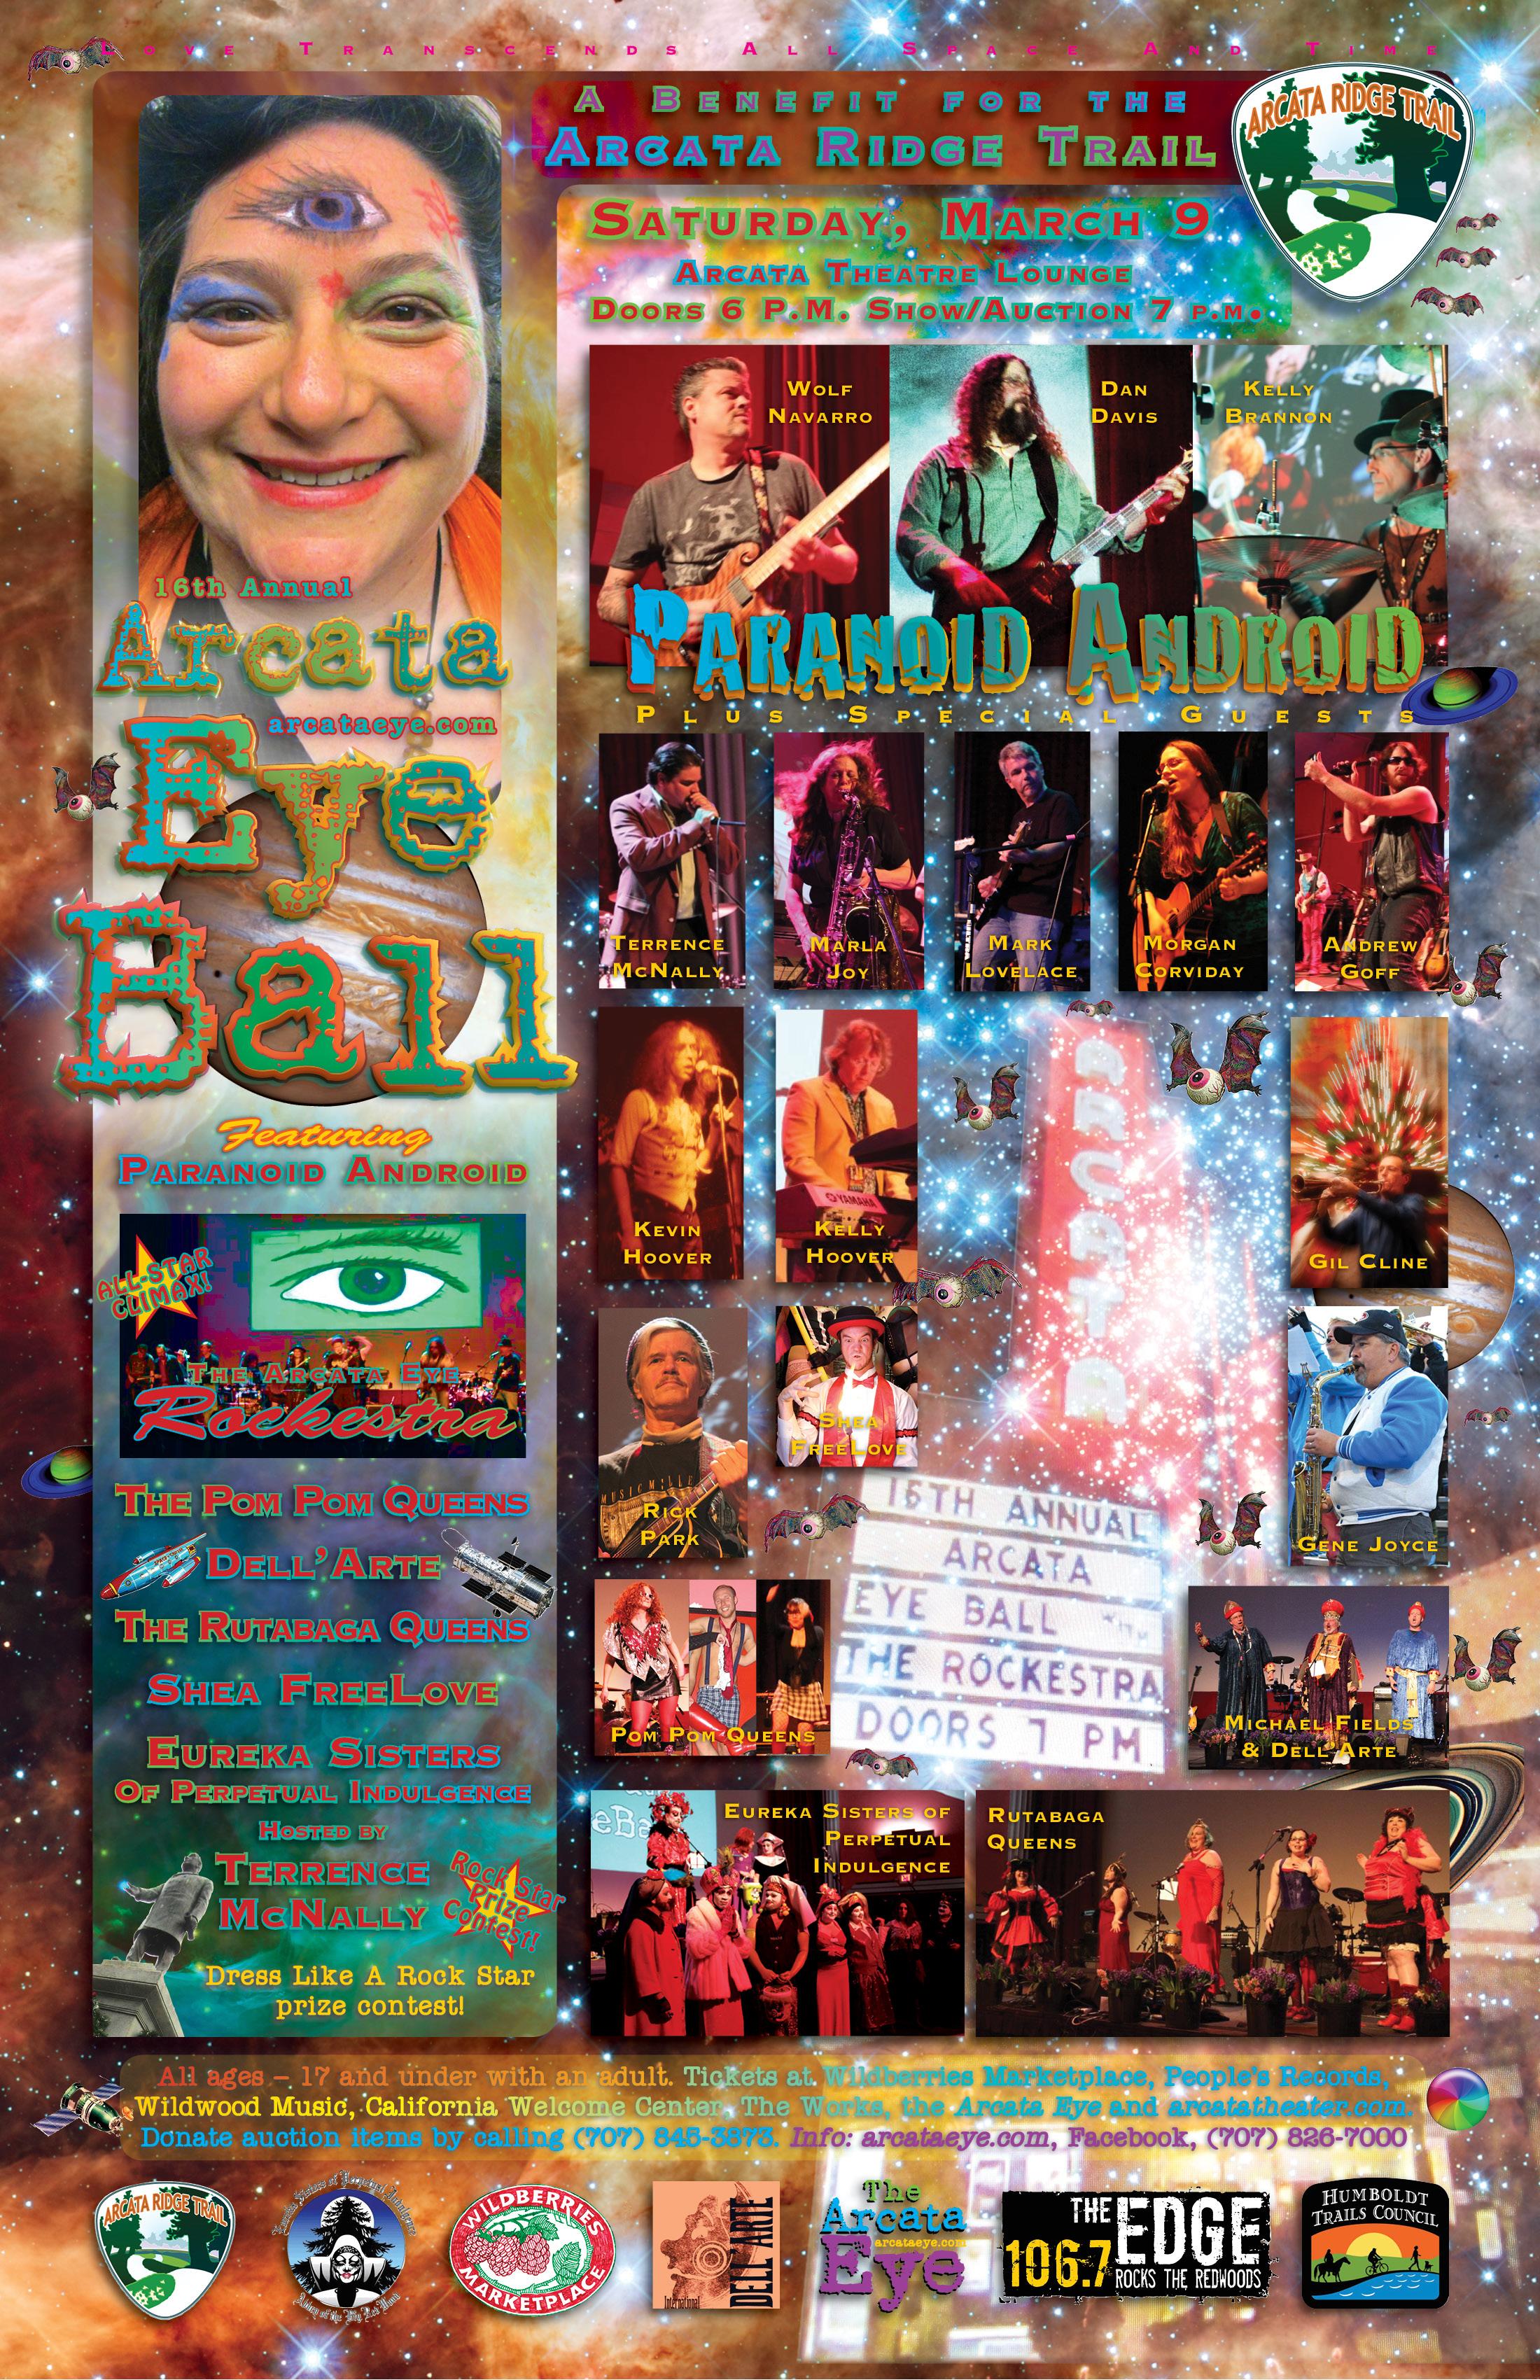 eye-balll-2013-poster